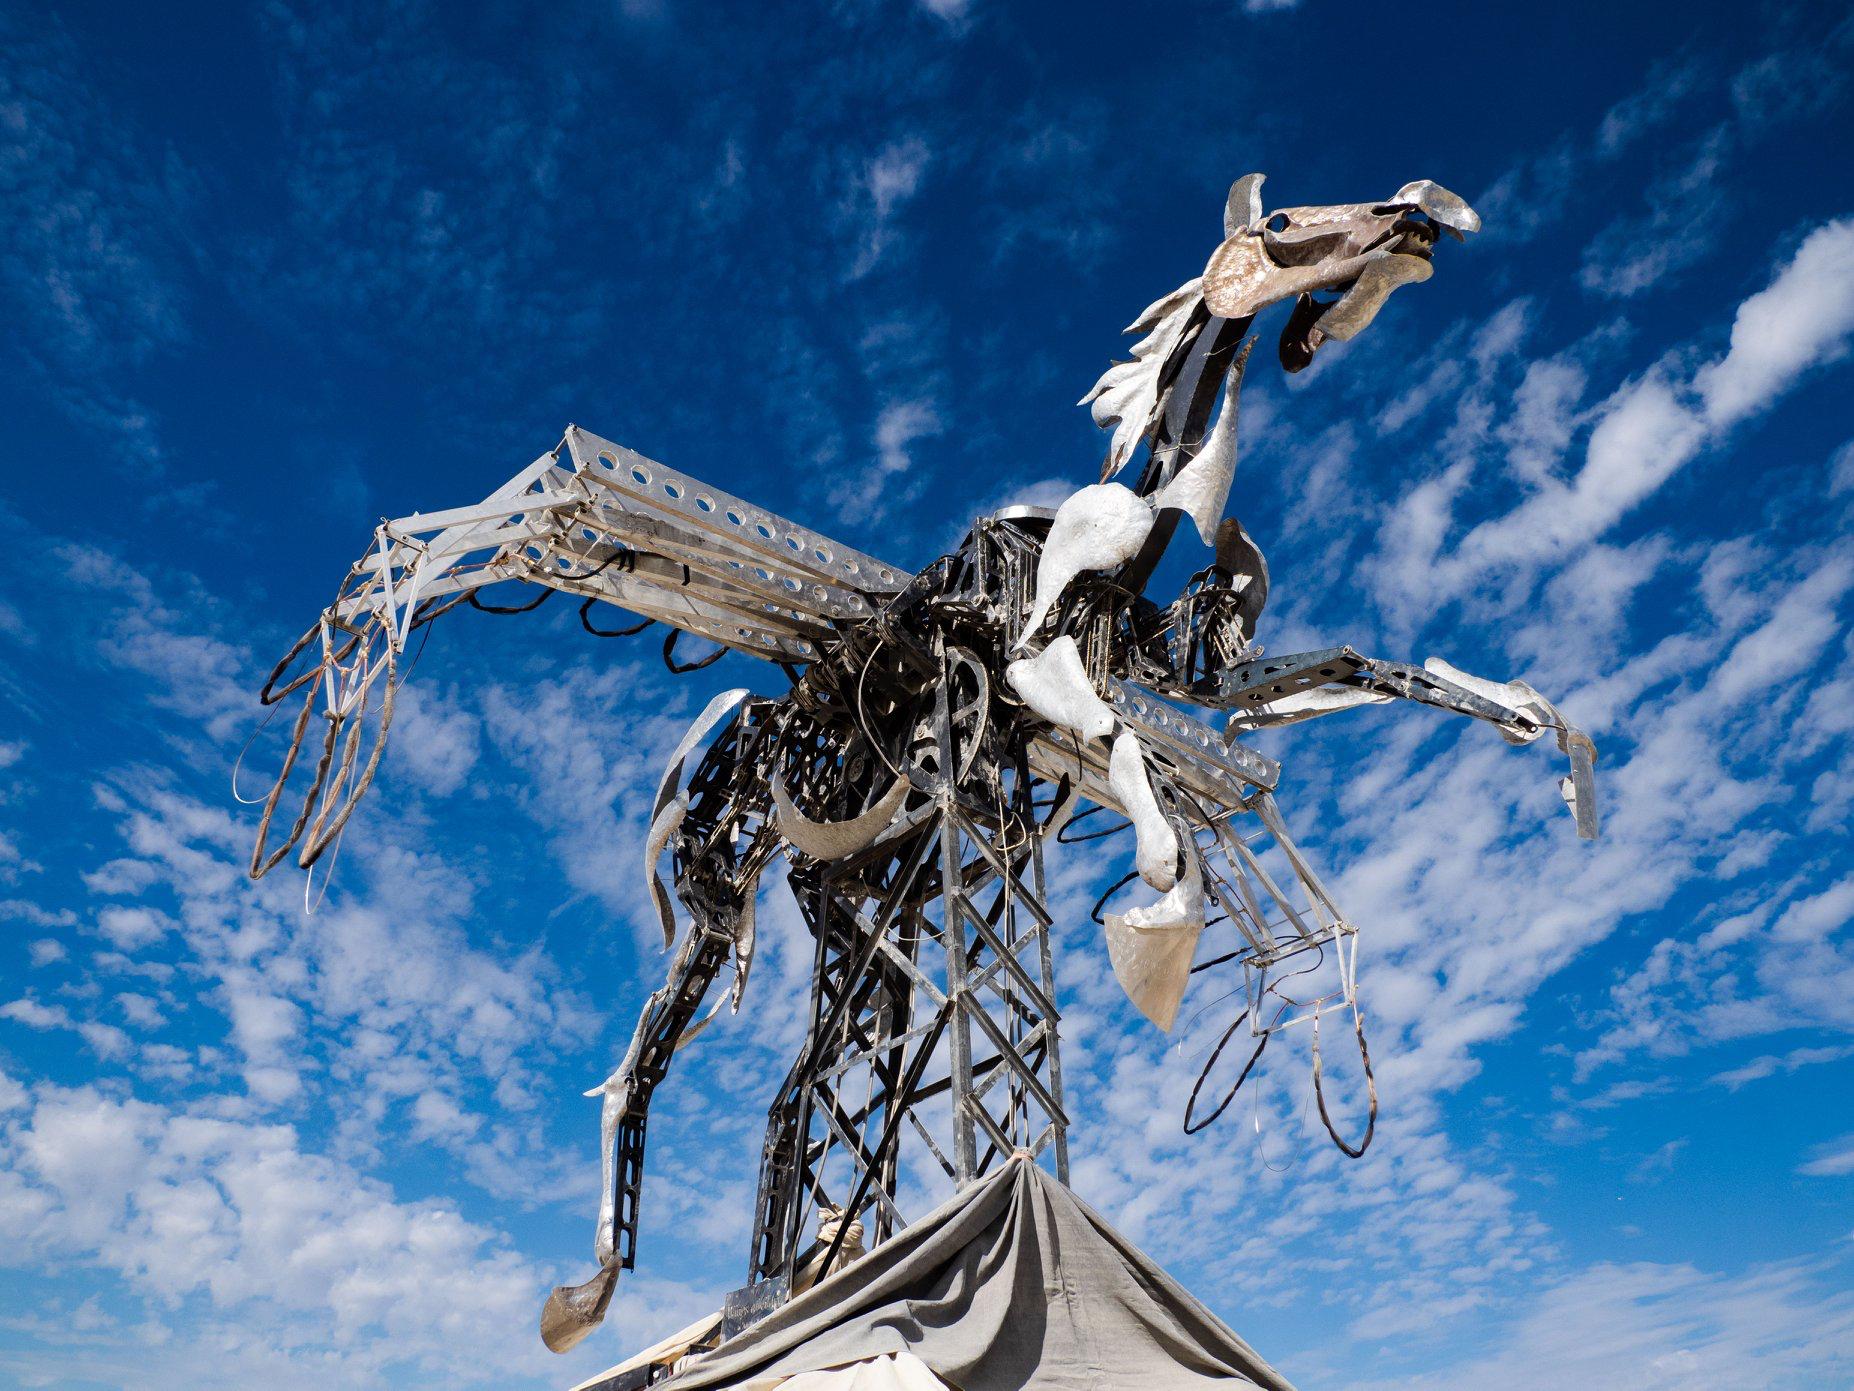 Flying, flaming horse rides high at Burning Man